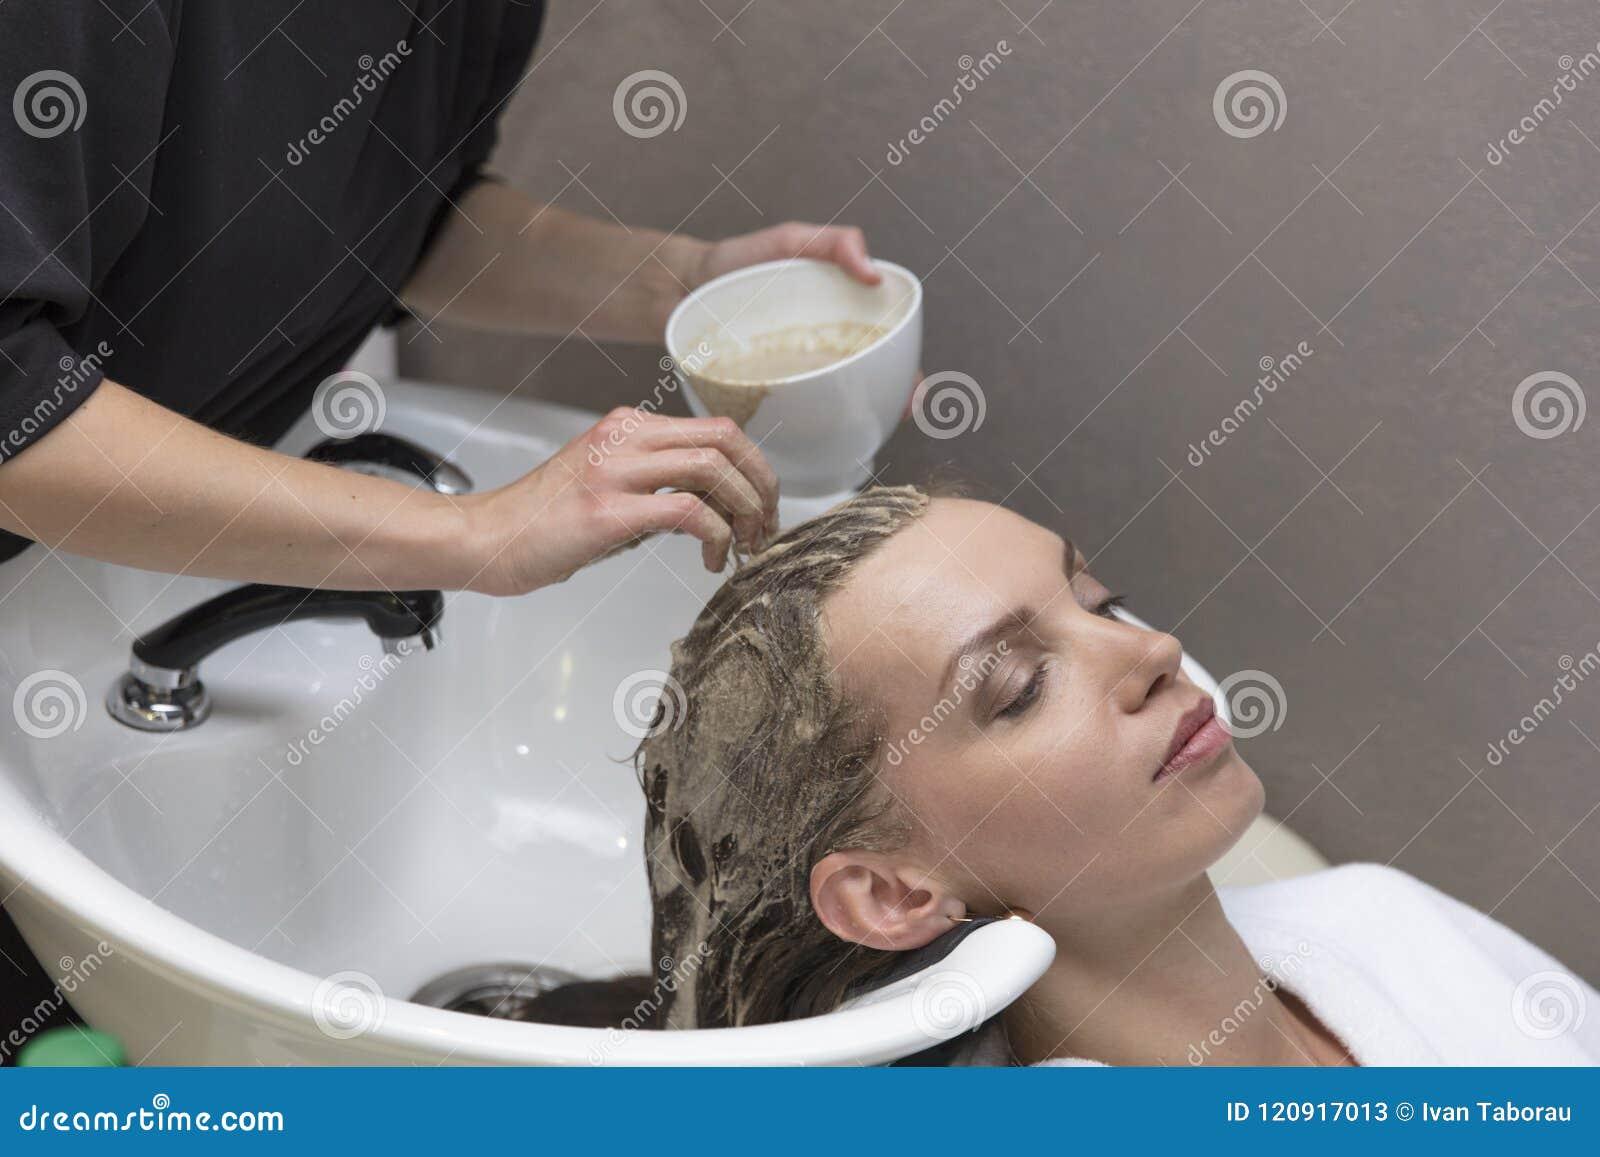 Włosiana piękno opieka, moisturizer zastosowanie, fryzjer, włosy maska, naturalny, piękna dziewczyna, zdrowie i piękno,